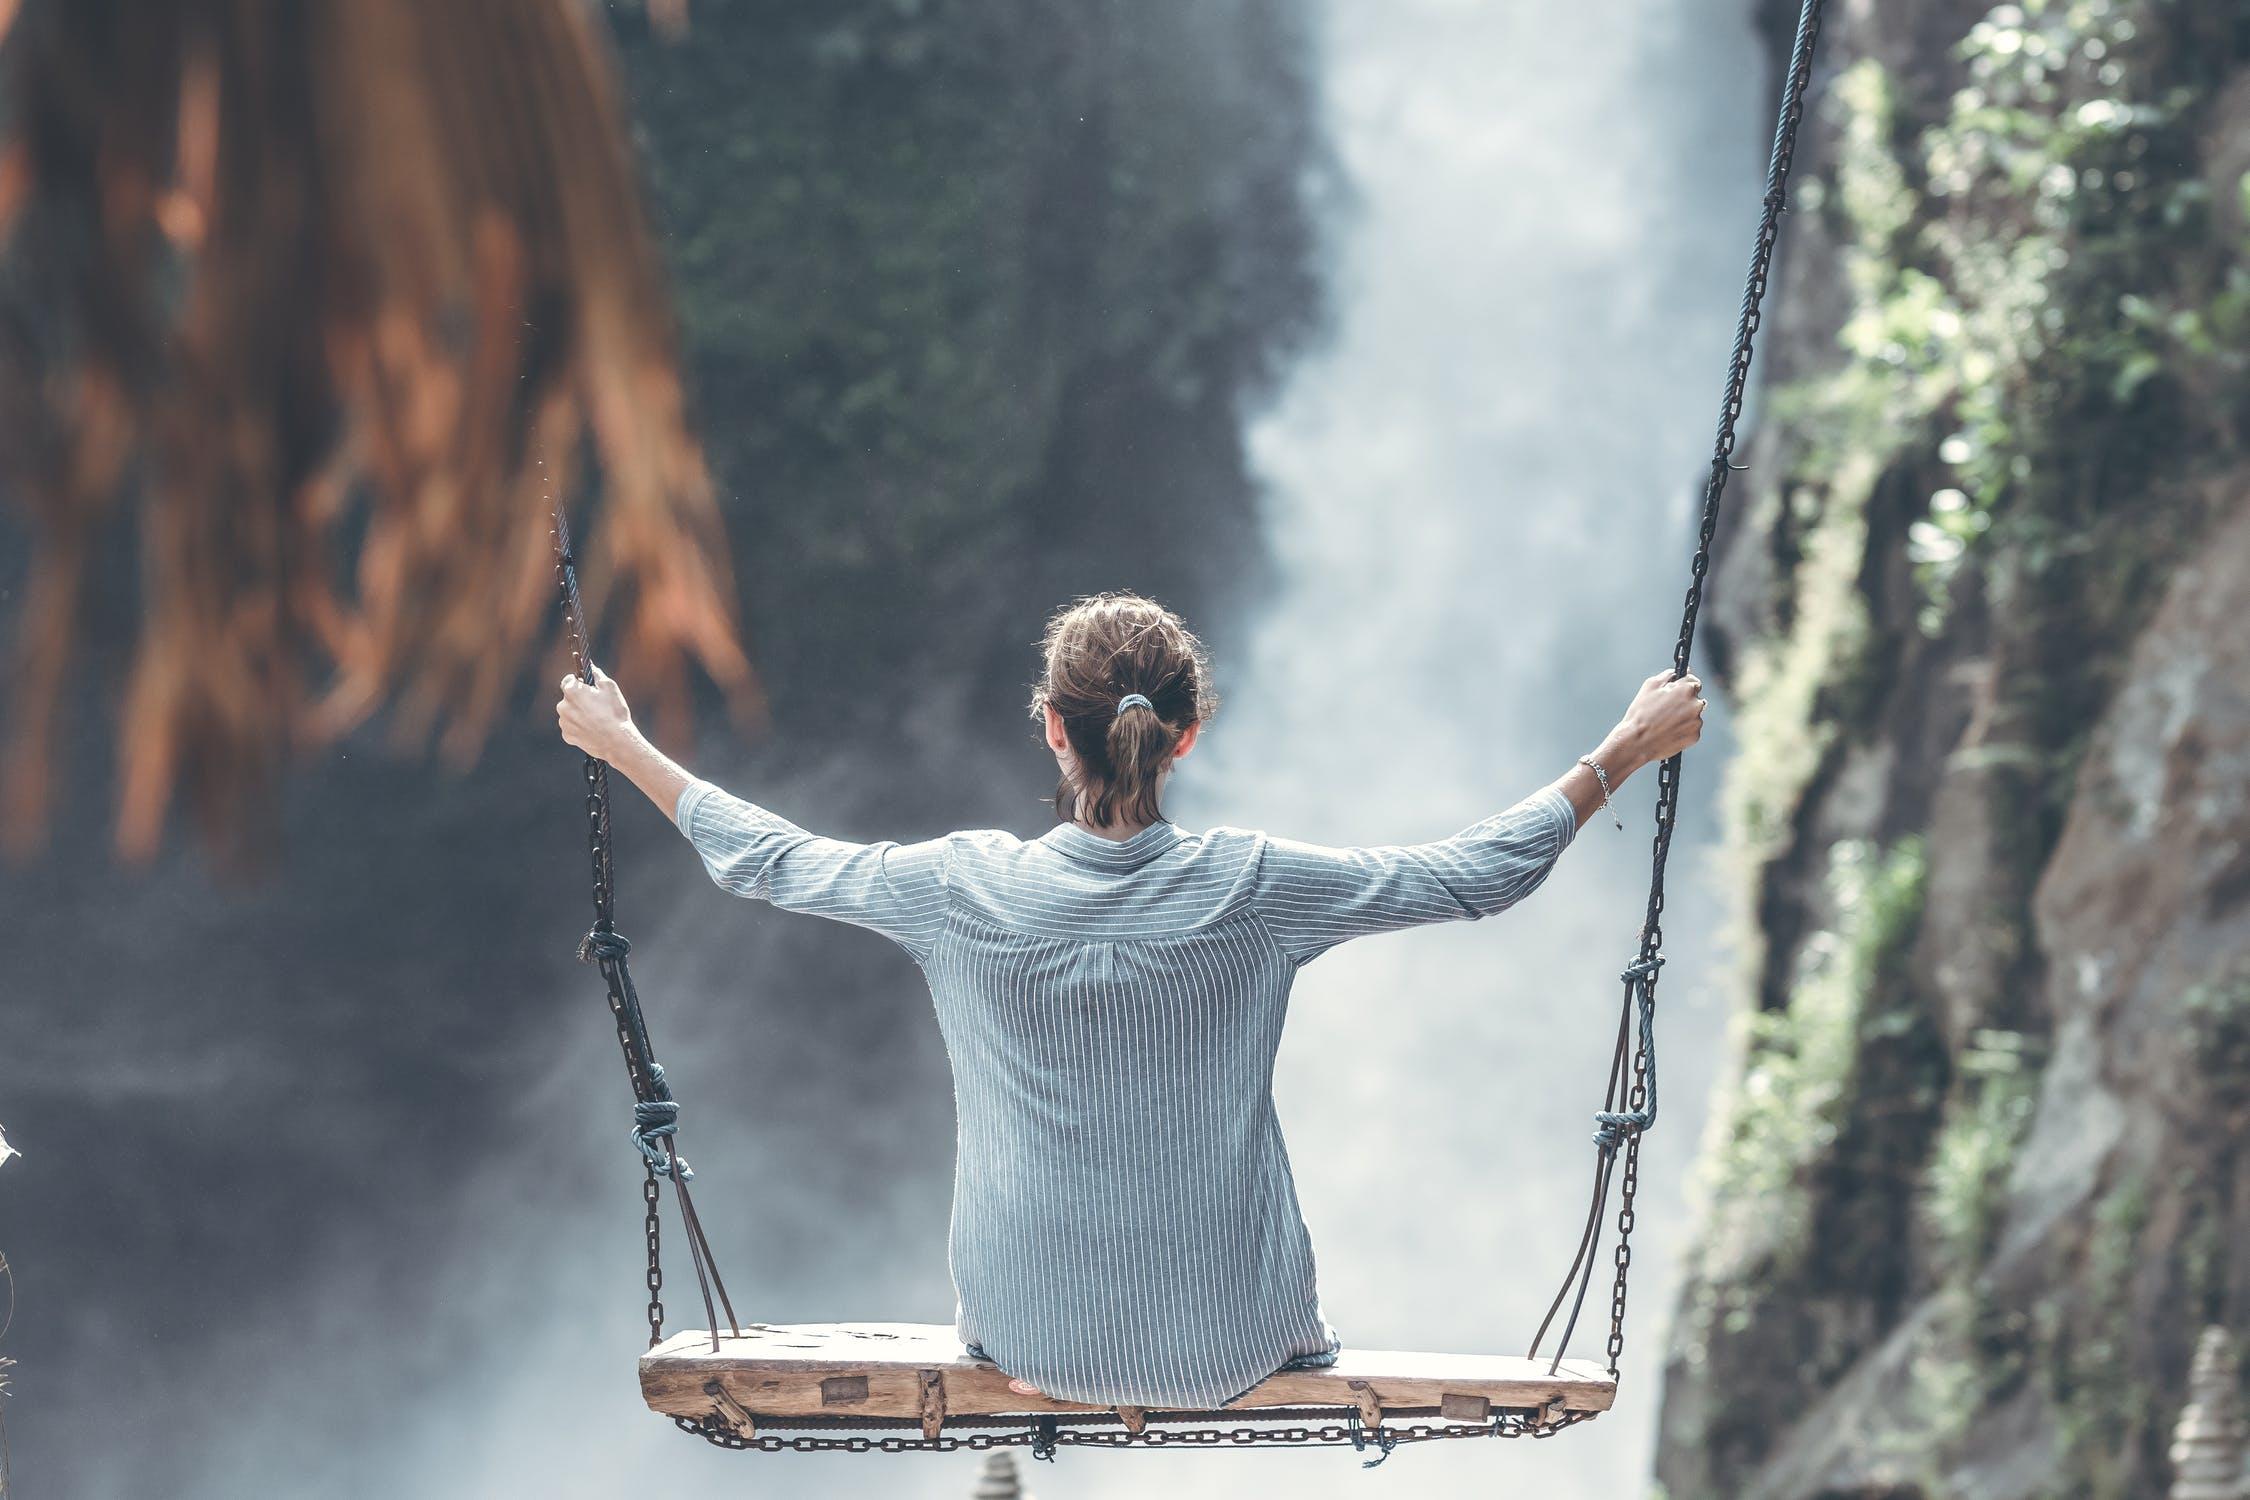 Как можно уменьшить приступ тревоги и чувство страха? Седативный препарат от Кревель Мойзельбах